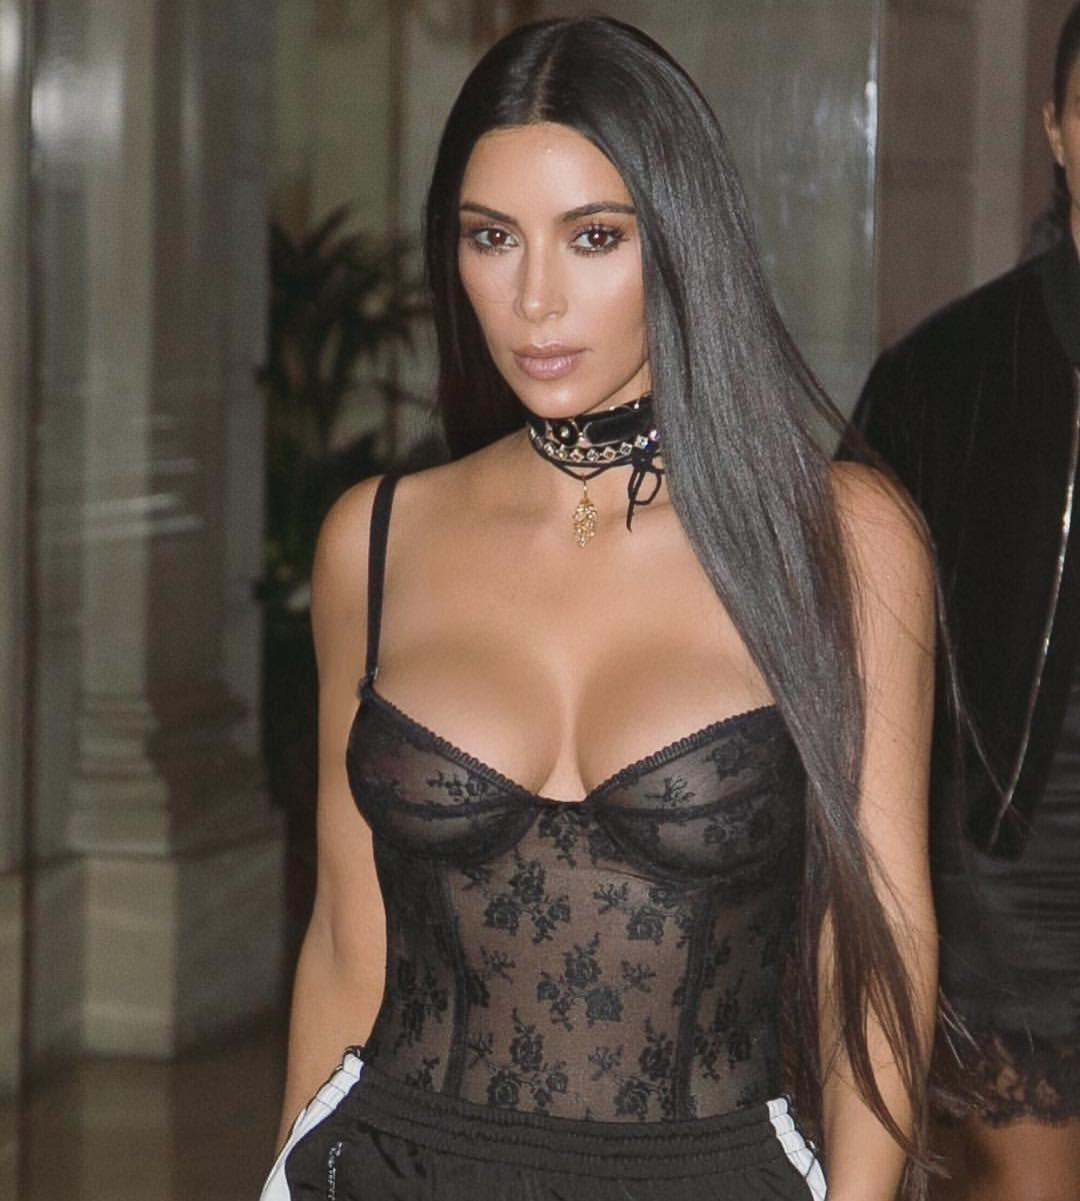 O cabelão superlongo como nesta foto de Kim Kardashian está em alta (Foto: Reprodução/Instagram)